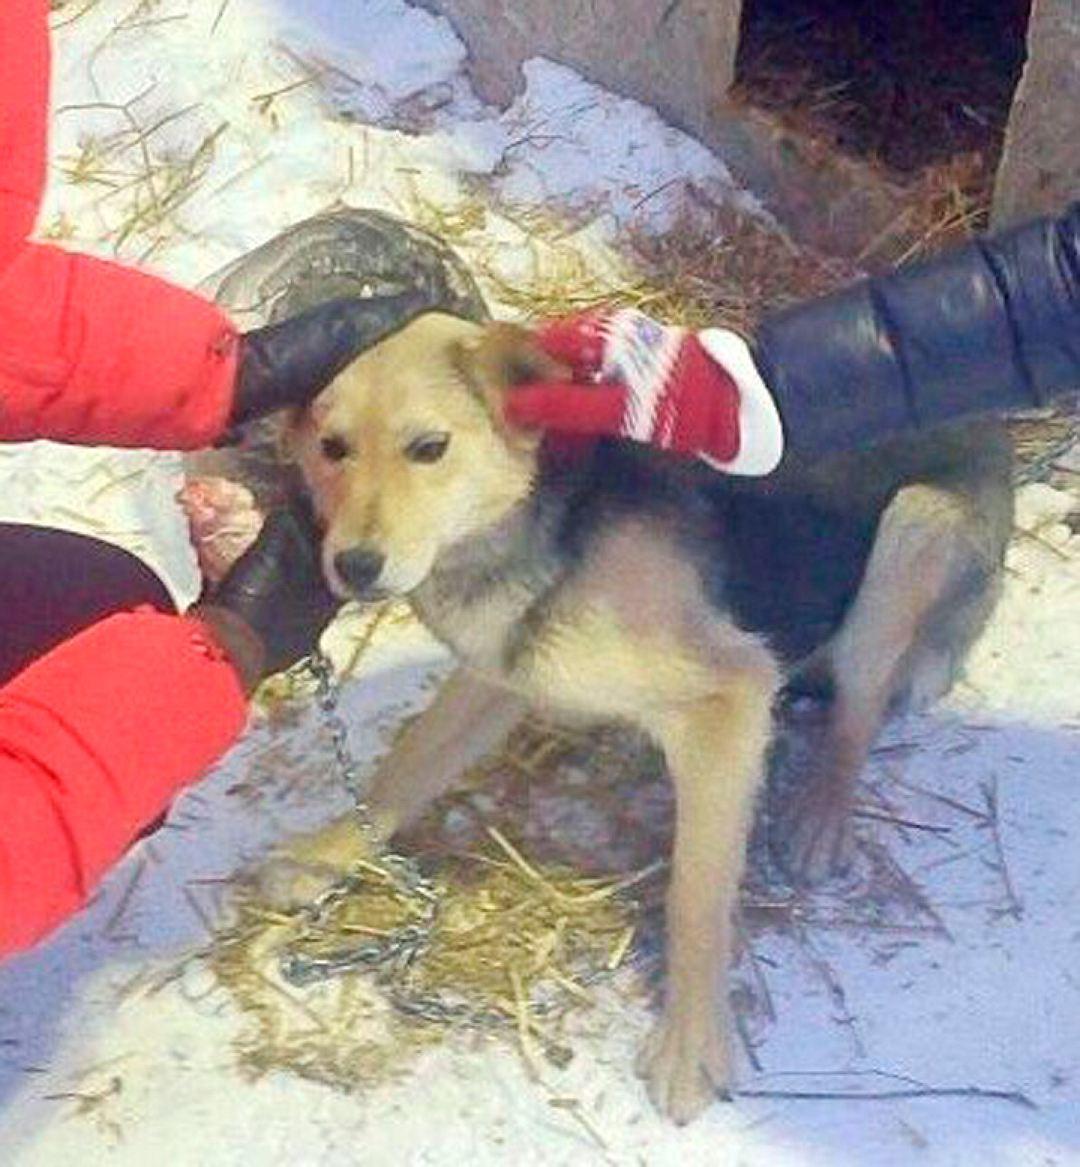 Узница деревенского собачьего концлагеря обзавелась коттеджем в Германии